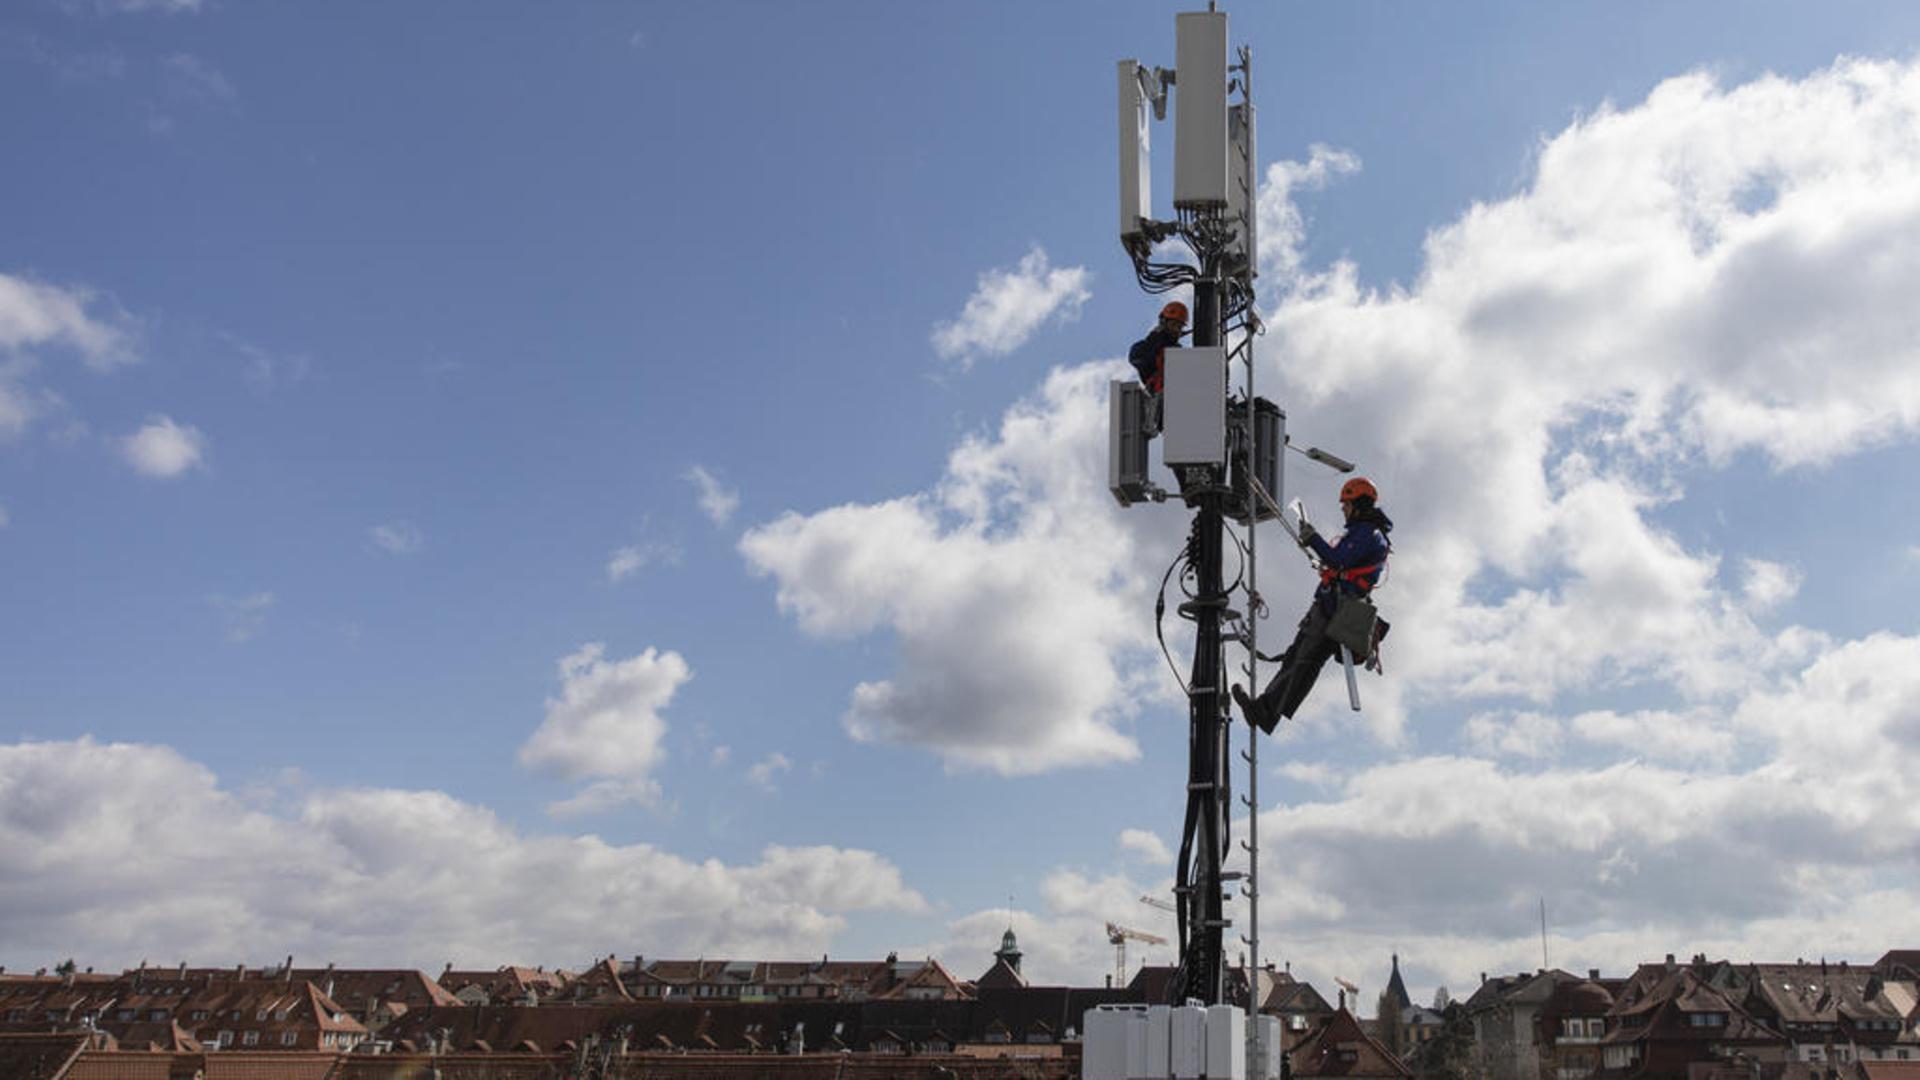 Допсредства из бюджета попросил Мусин на улучшение качества Интернета